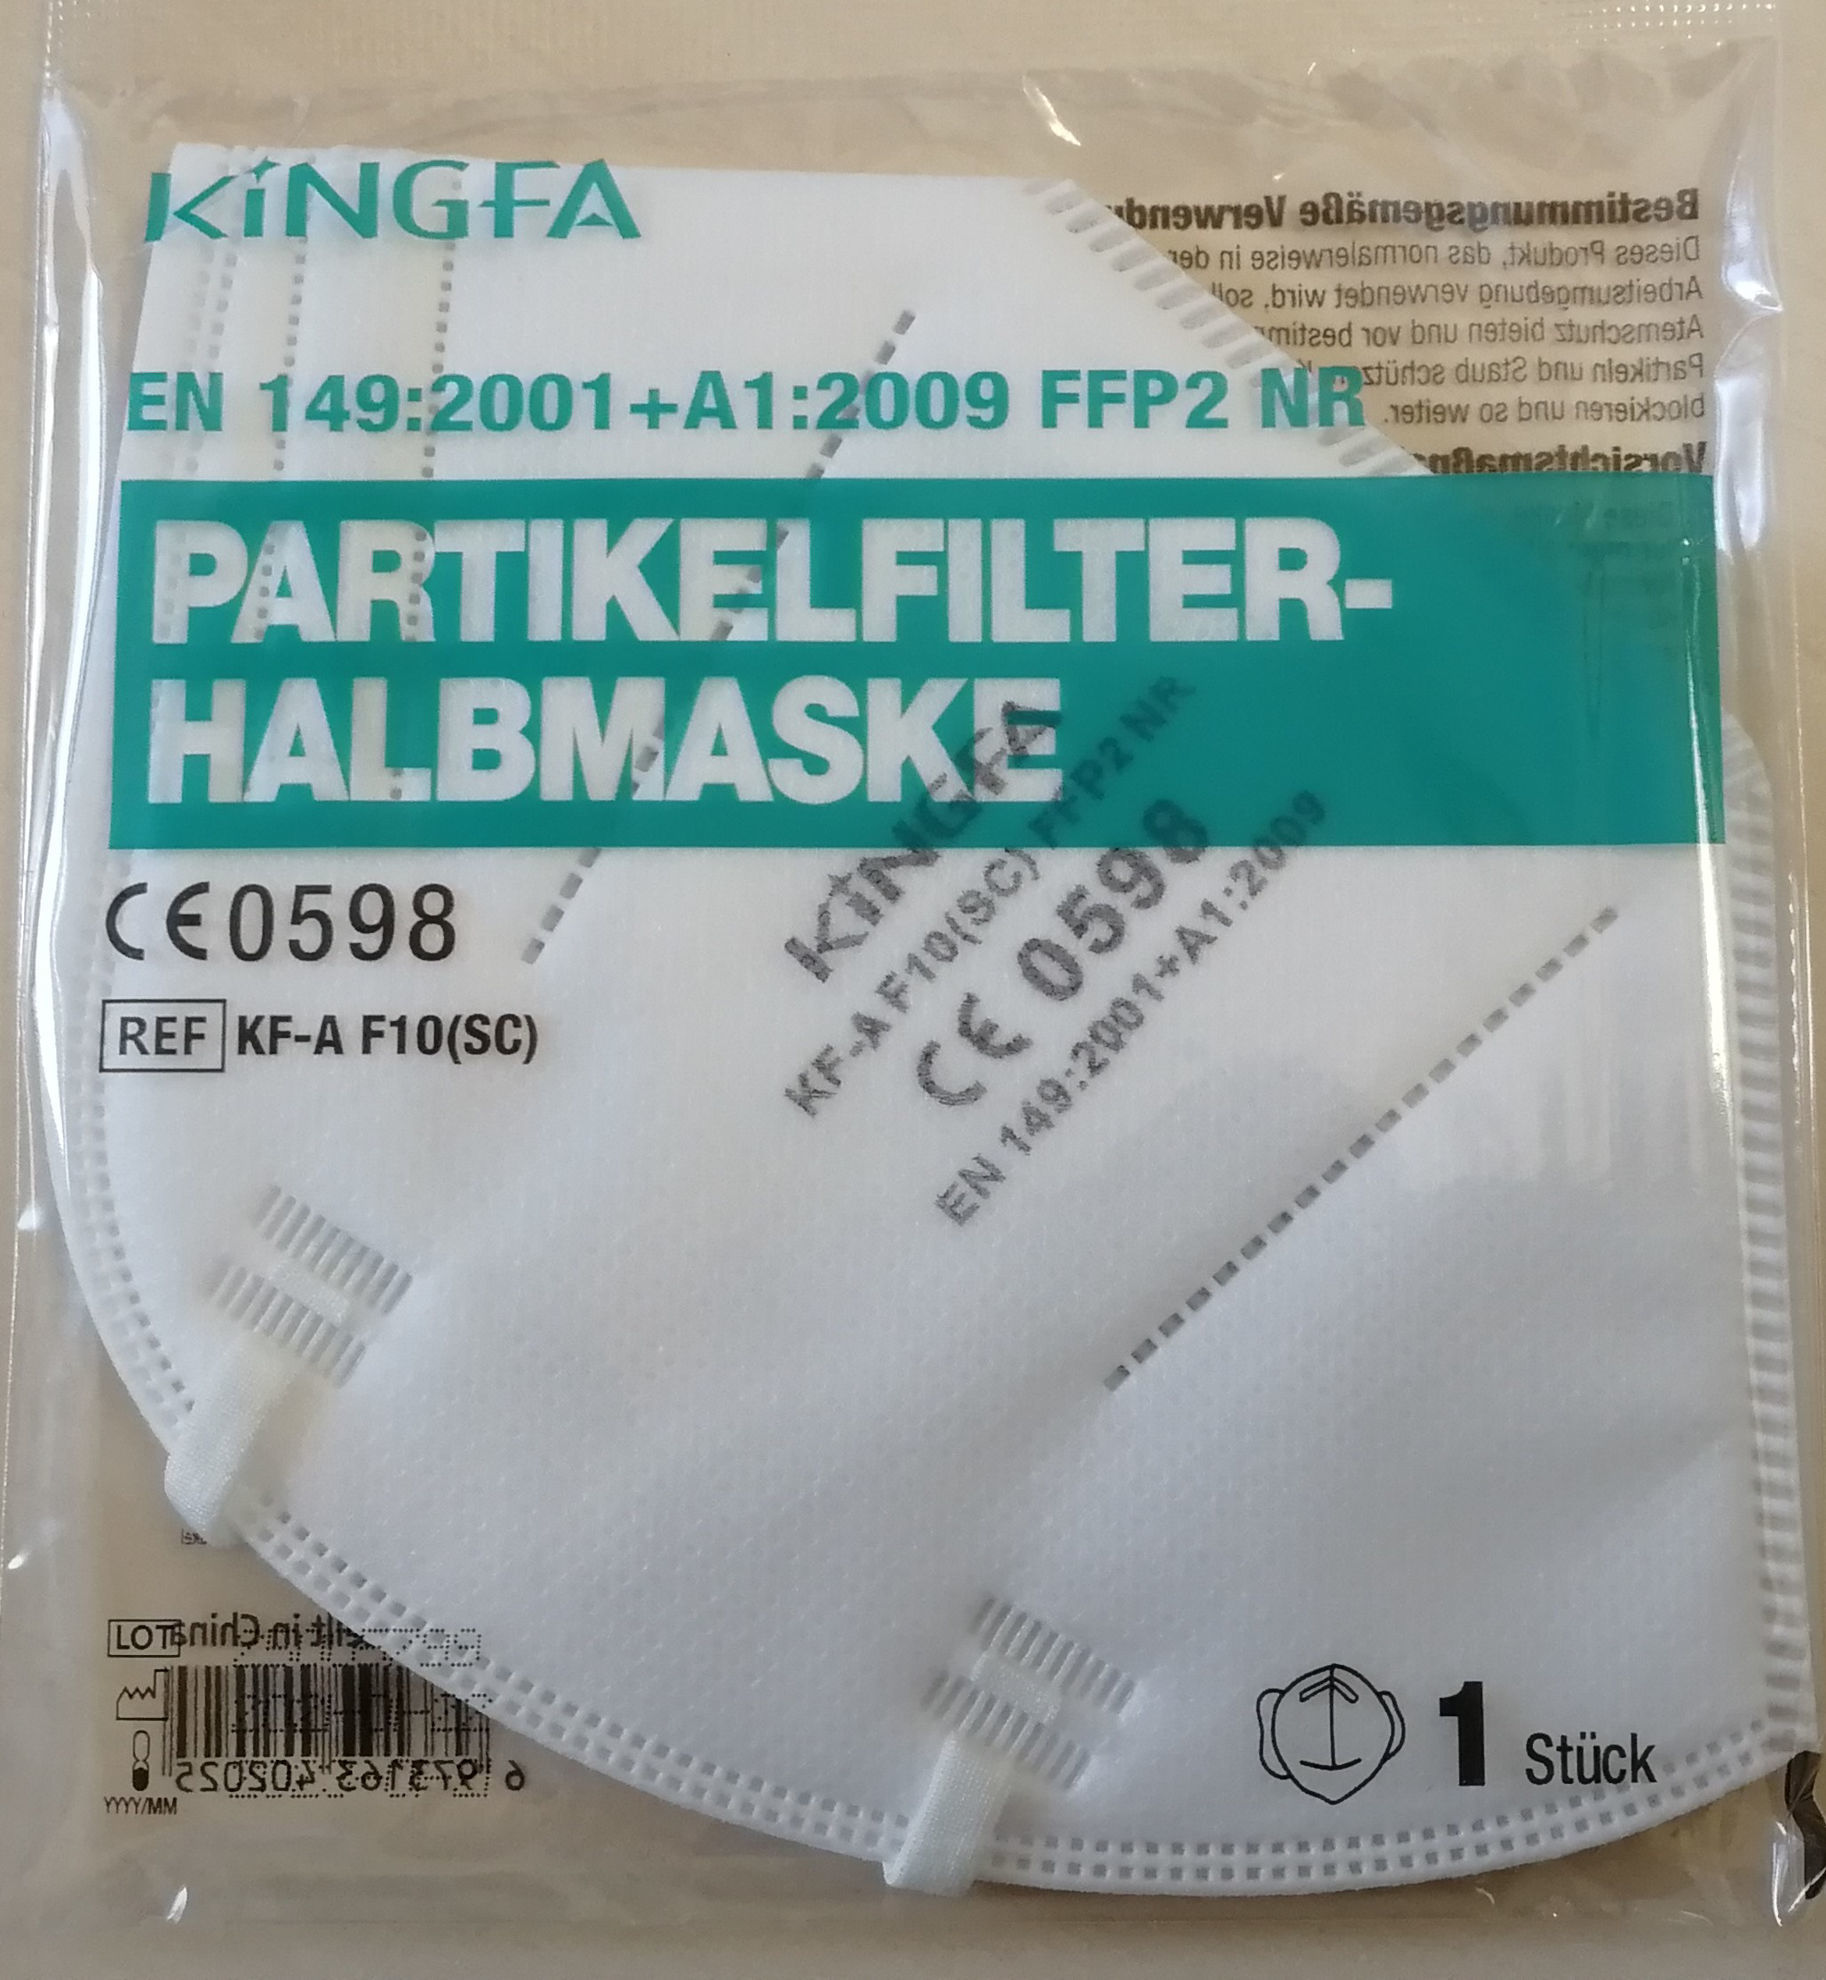 Bild von FFP2 Atemschutzmaske mit CE 0598